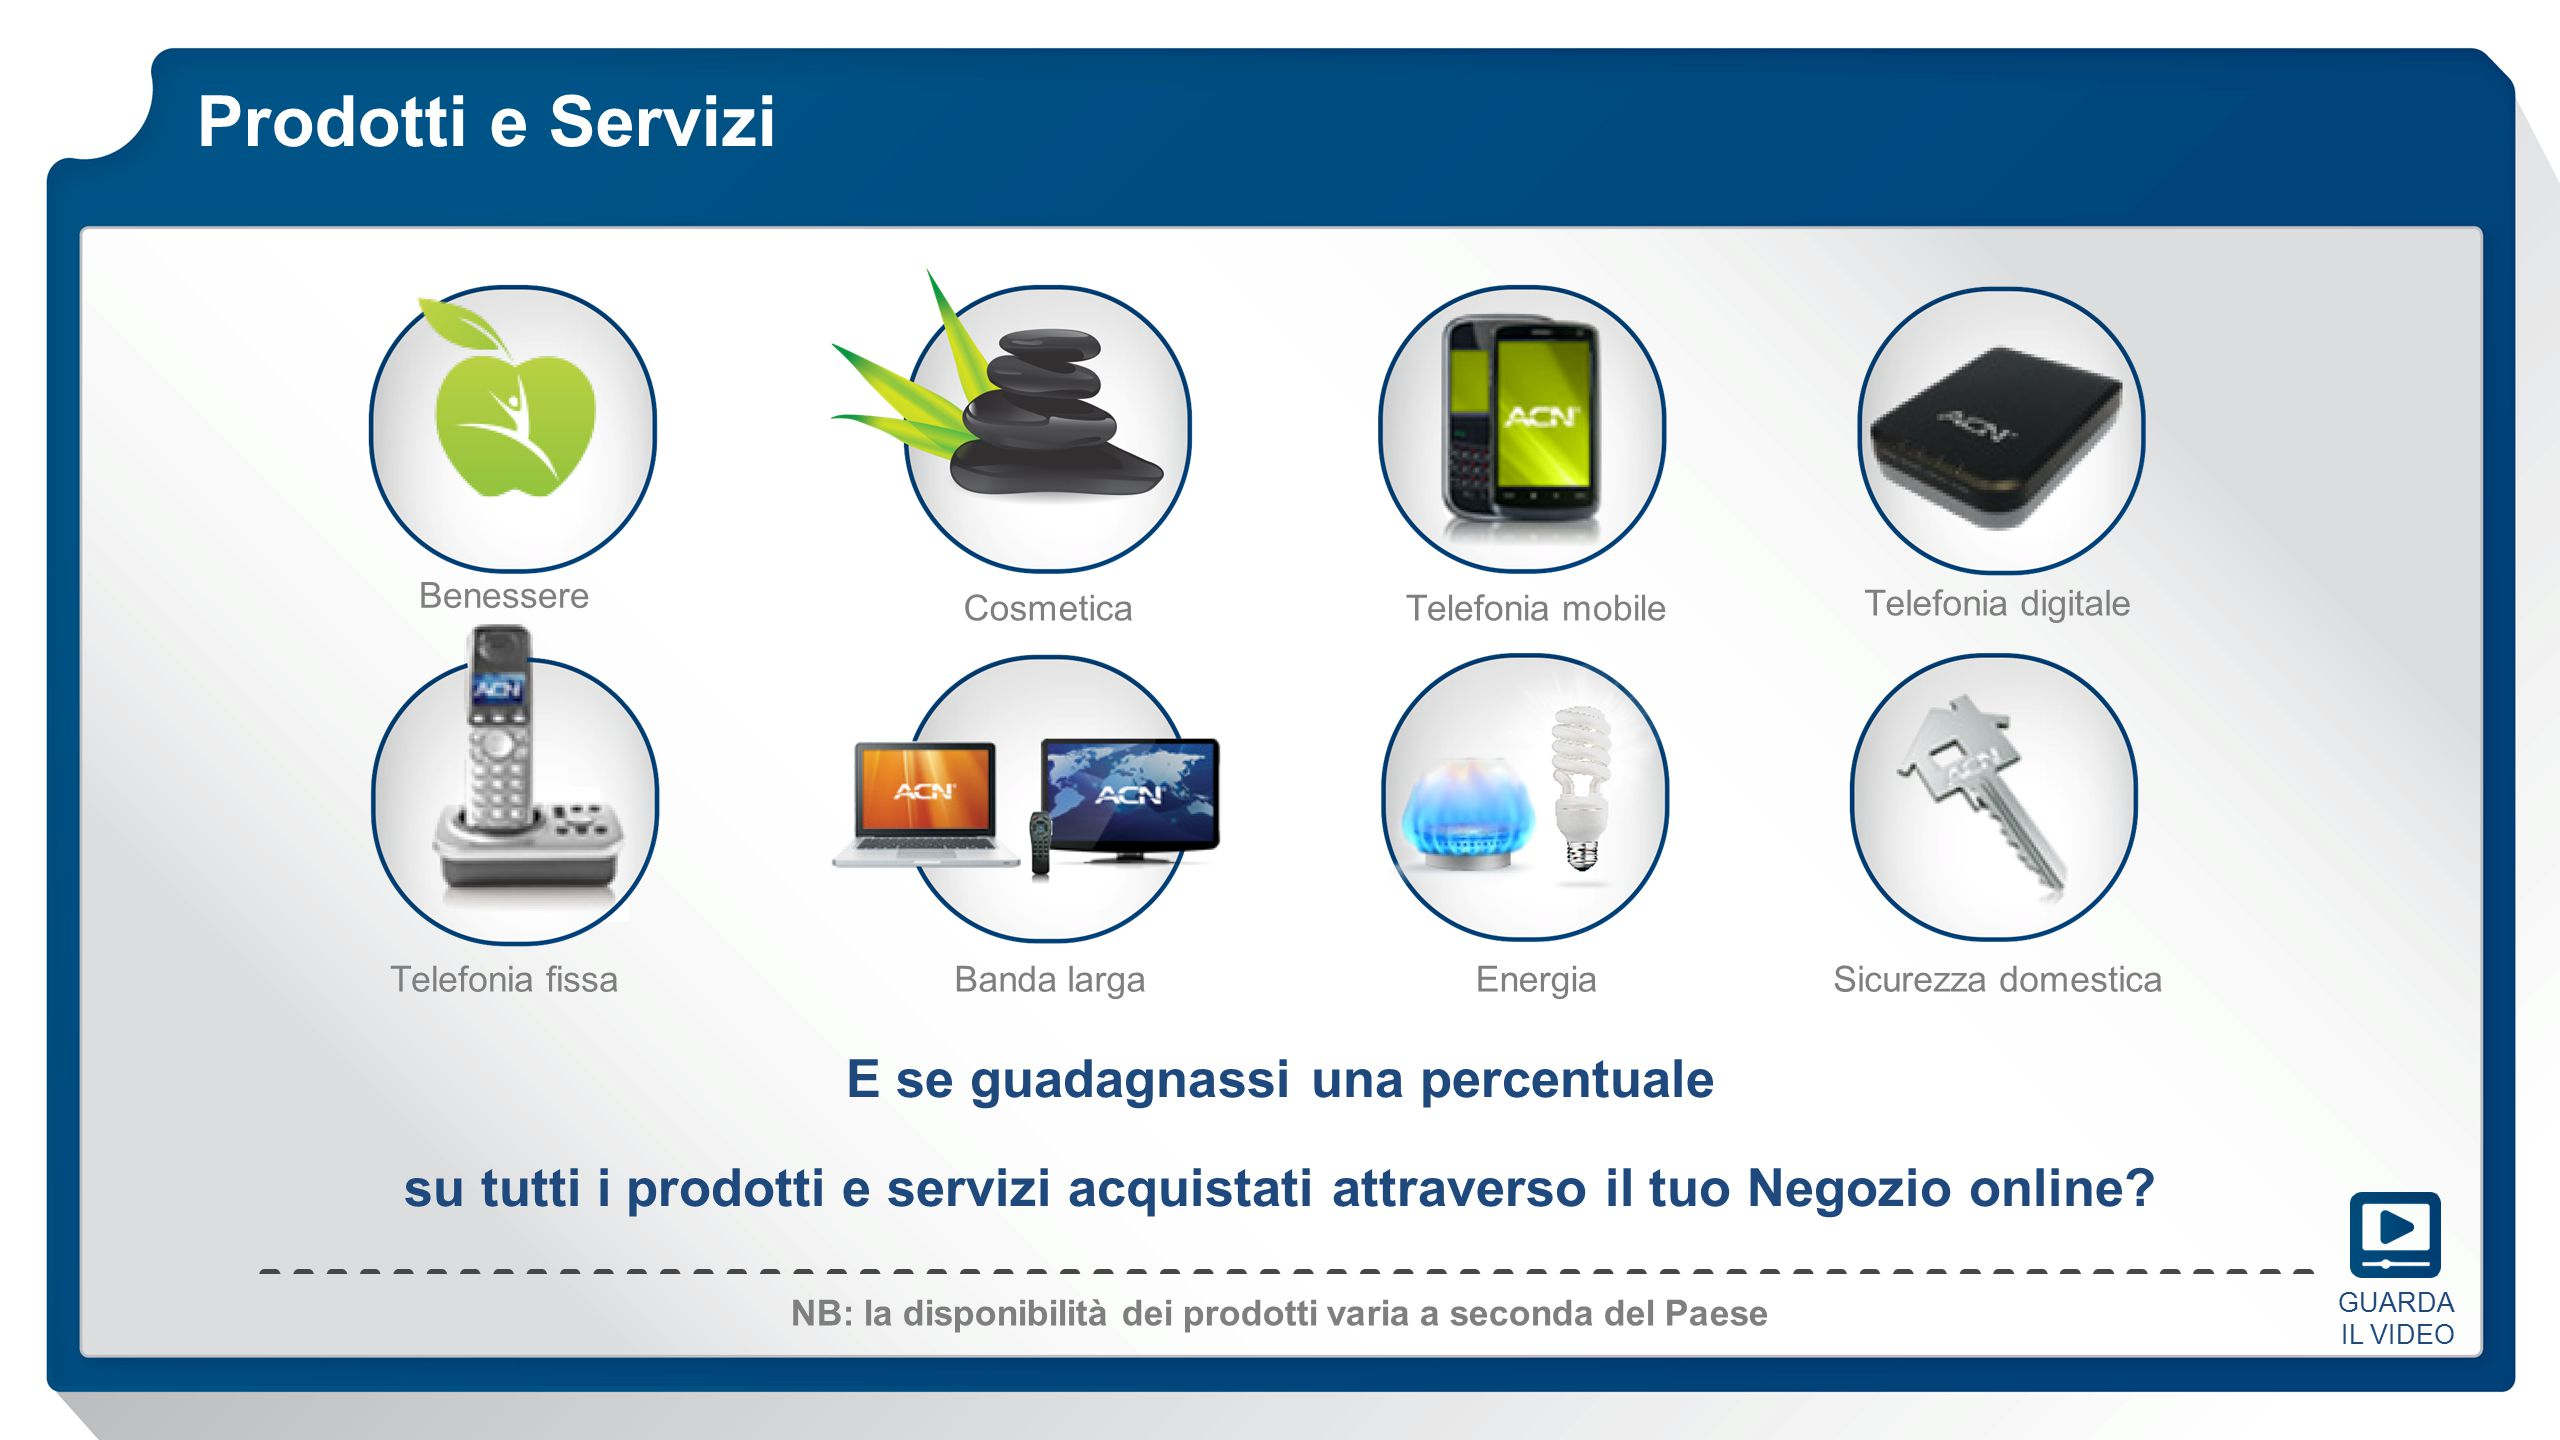 Prodotti e Servizi NB: la disponibilità dei prodotti varia a seconda del Paese E se guadagnassi una percentuale su tutti i prodotti e servizi acquistati attraverso il tuo Negozio online.